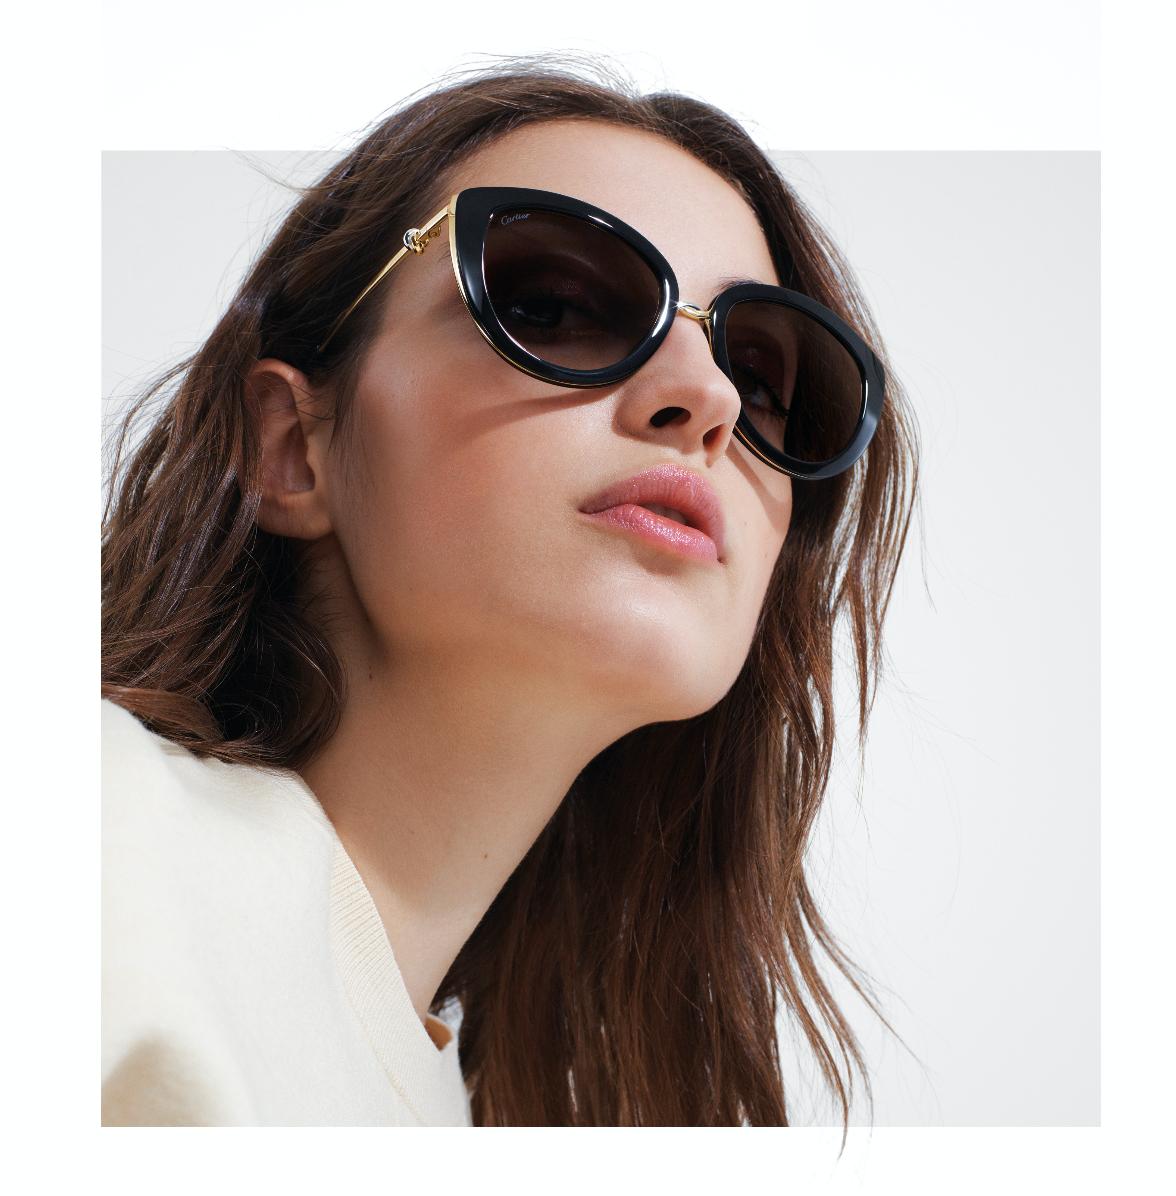 La nueva colección de lentes de Cartier otoño/invierno 2020